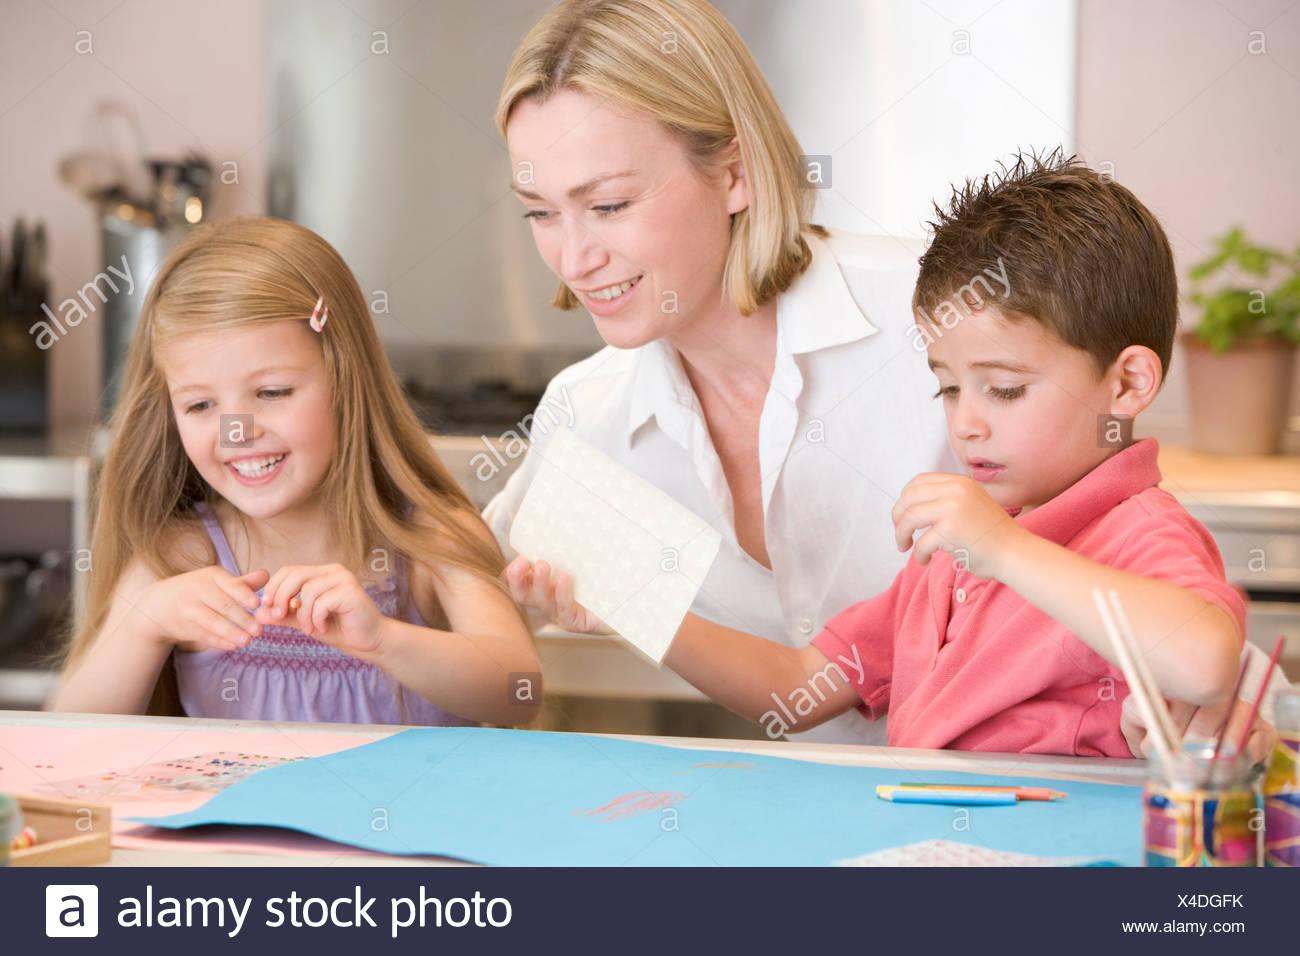 Una mujer y dos niños pequeños en la cocina con el proyecto de arte sonriendo Imagen De Stock